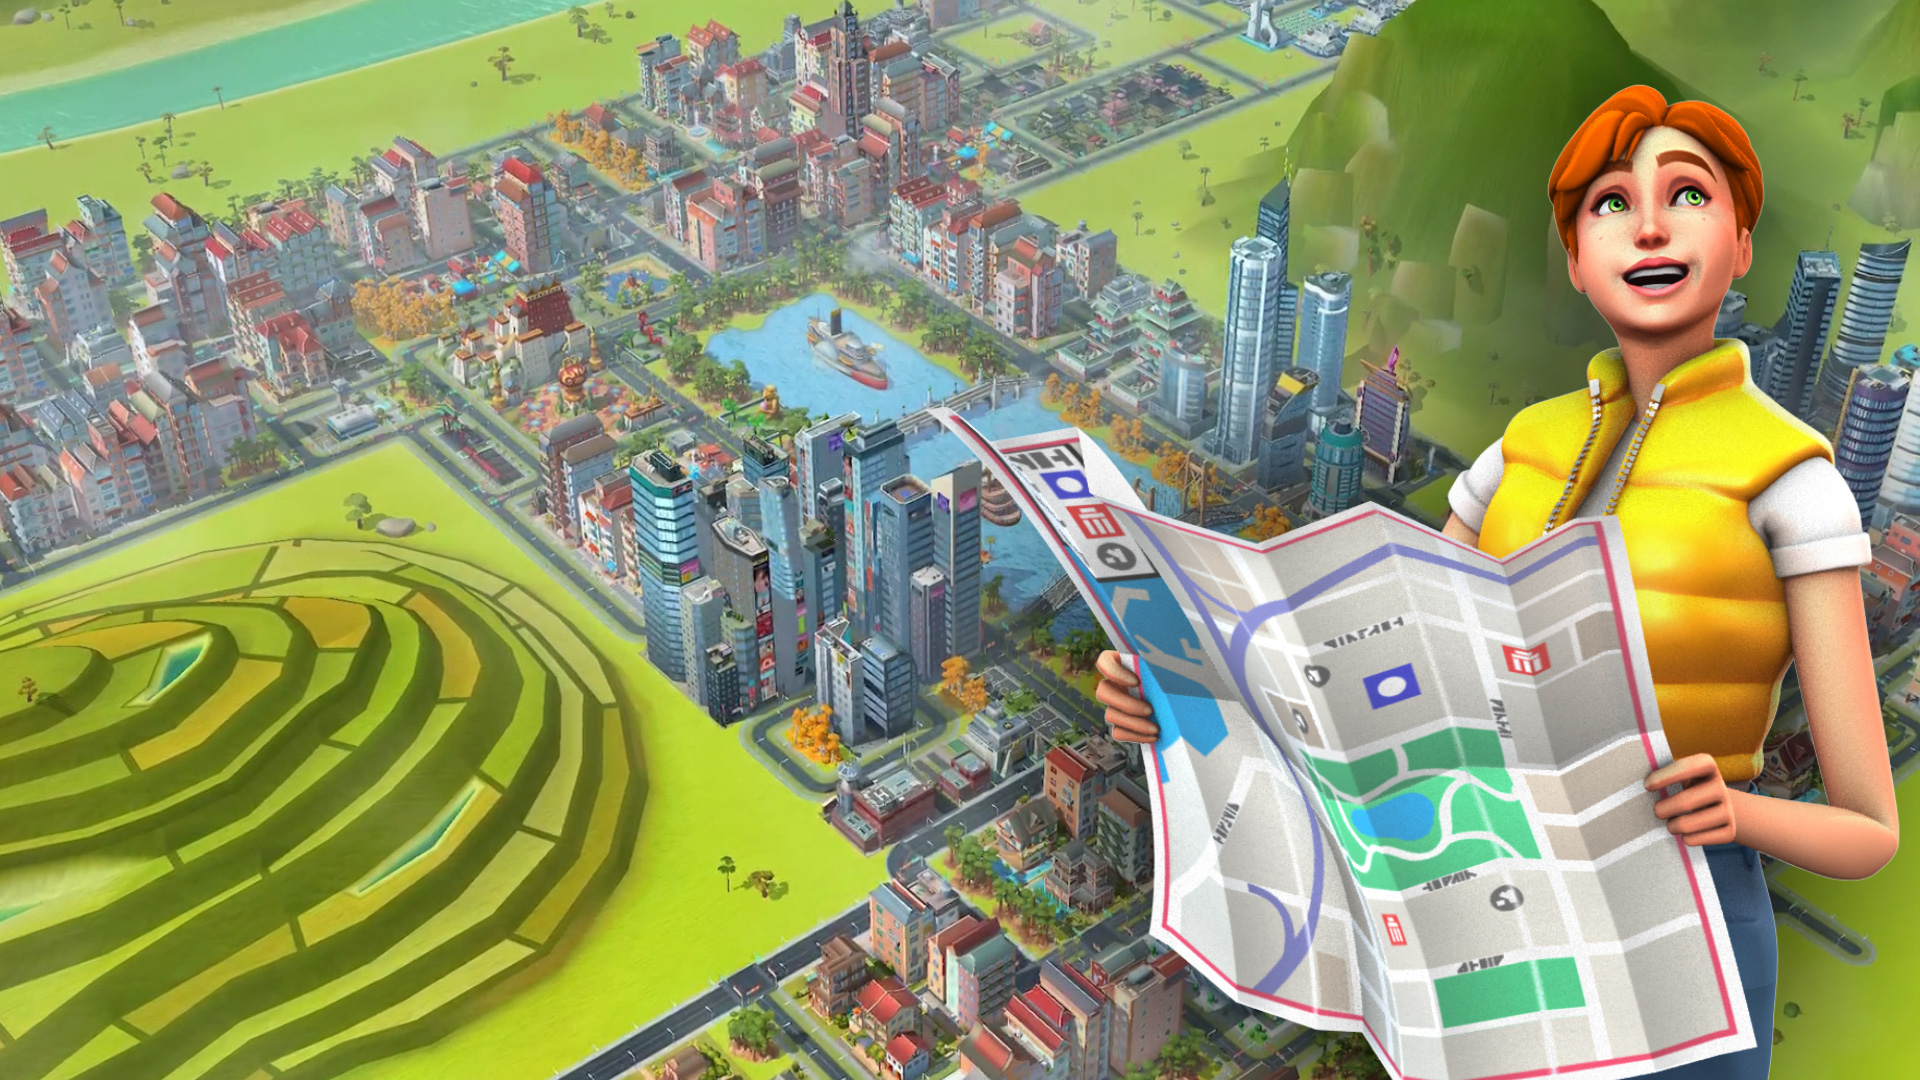 『シムシティ ビルドイット』新マップが登場する大幅アップデートを実施!